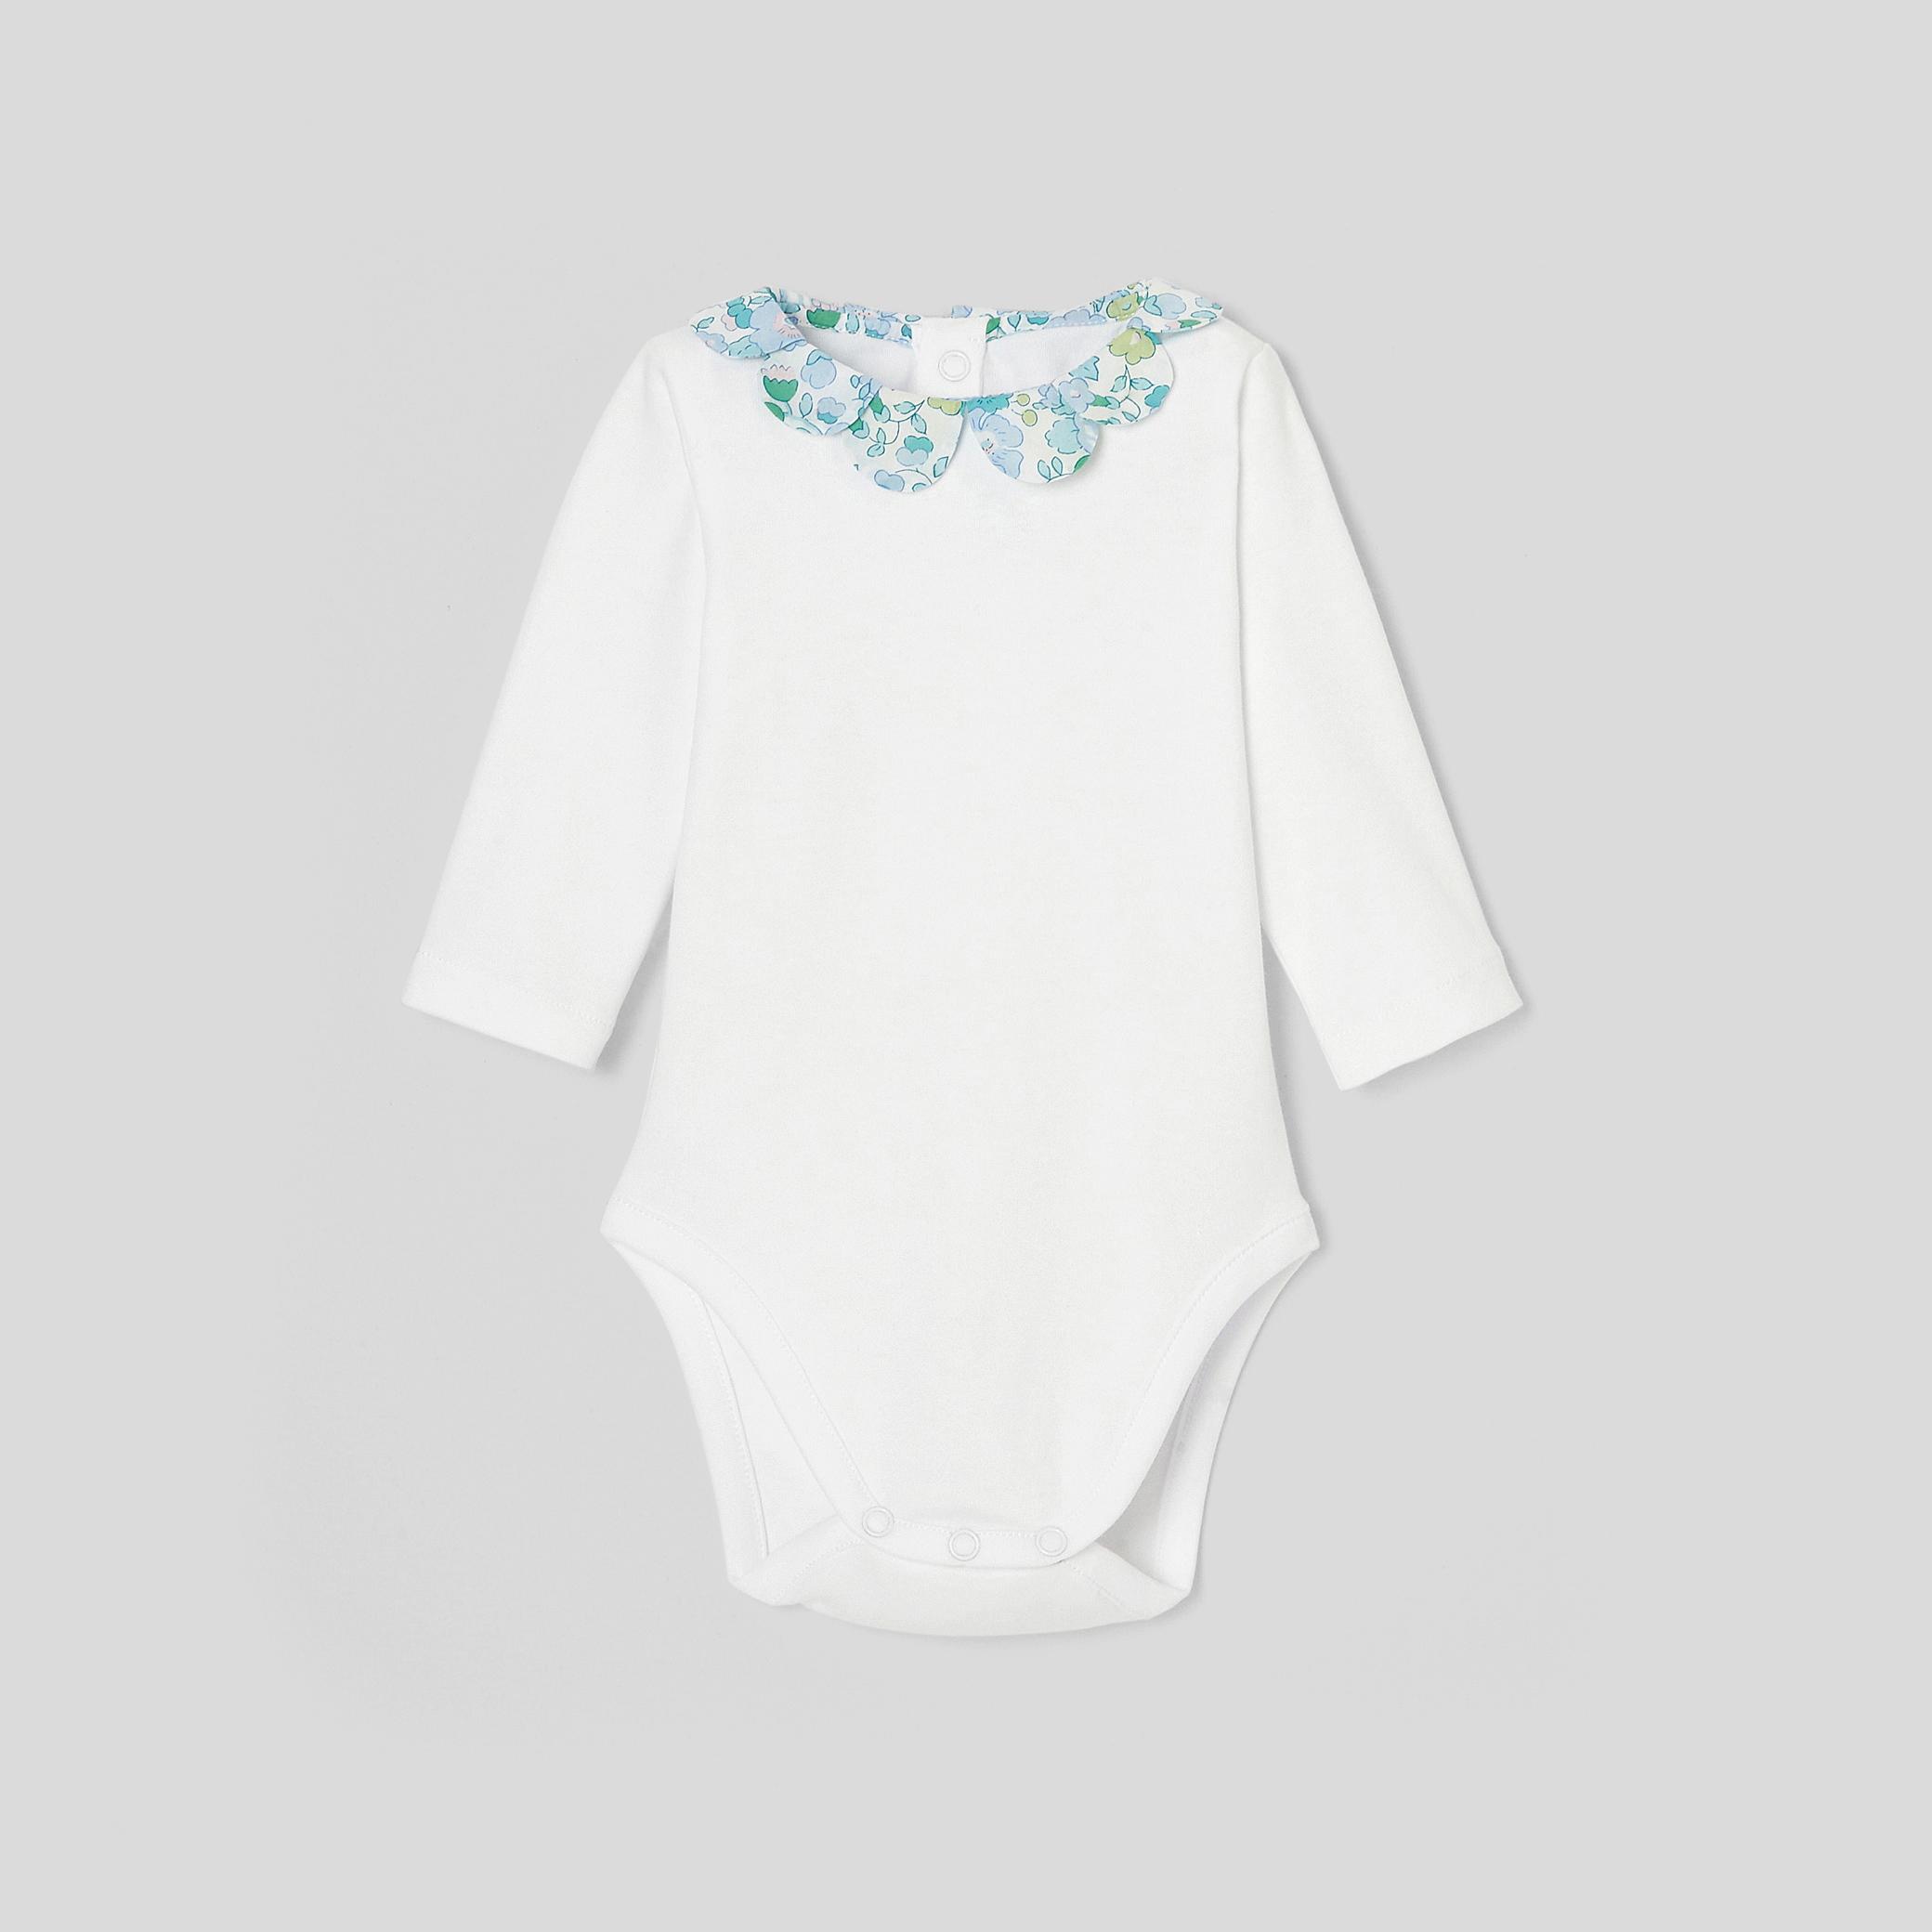 Baby girl long-sleeved bodysuit